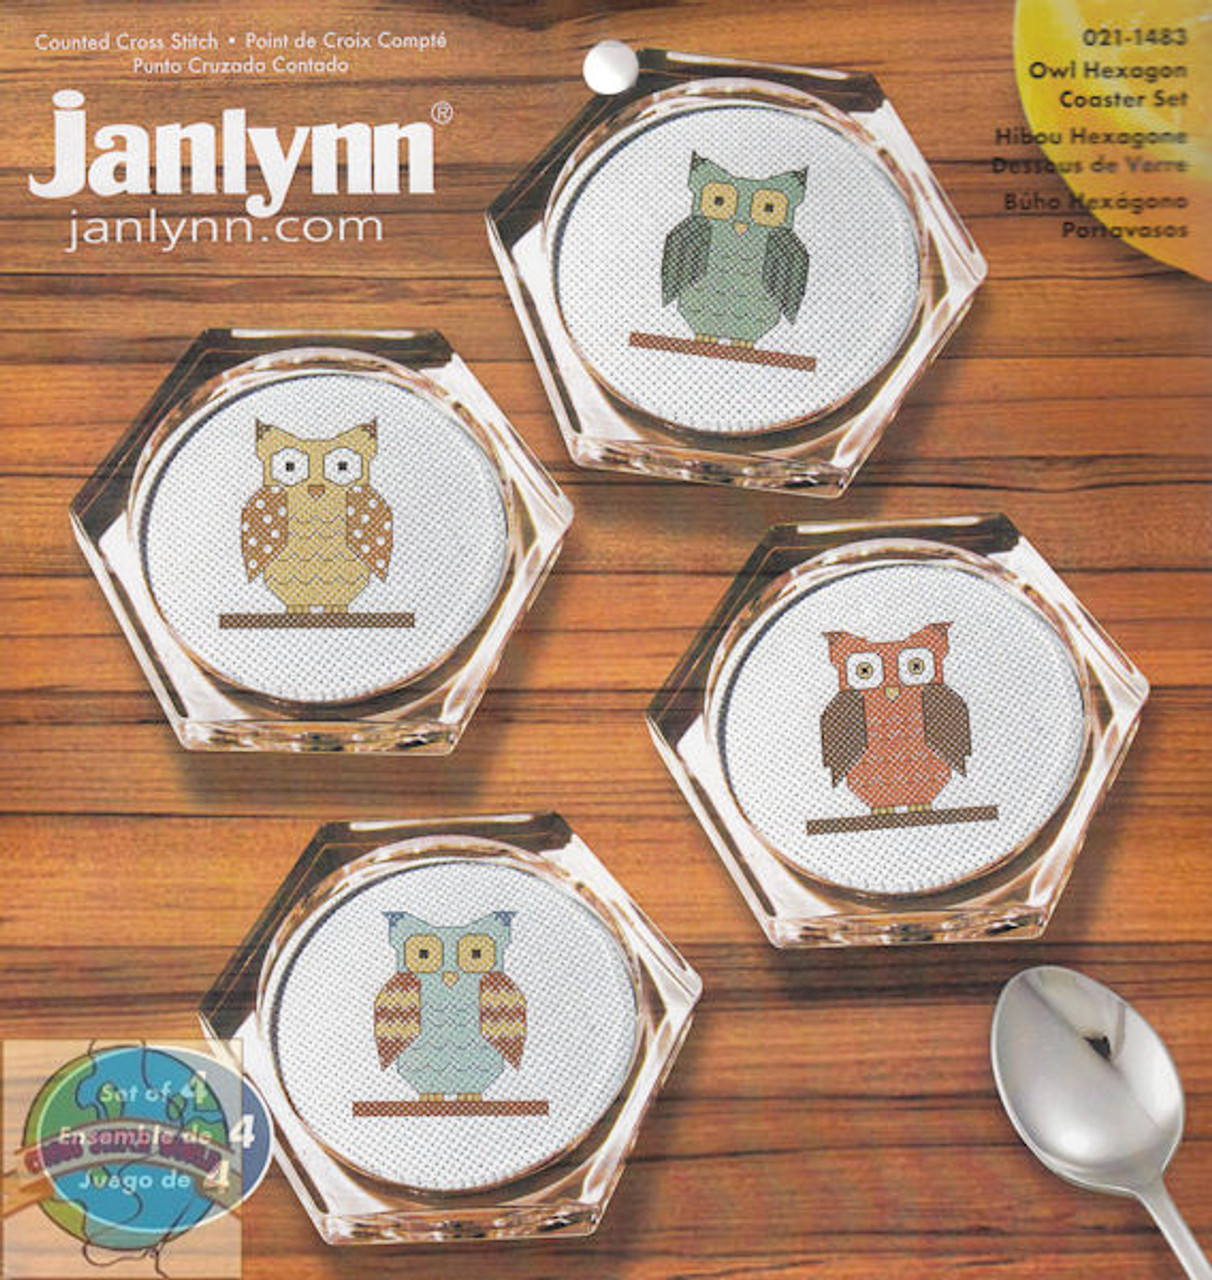 Janlynn - Owl Hexagon Coaster Set (4)